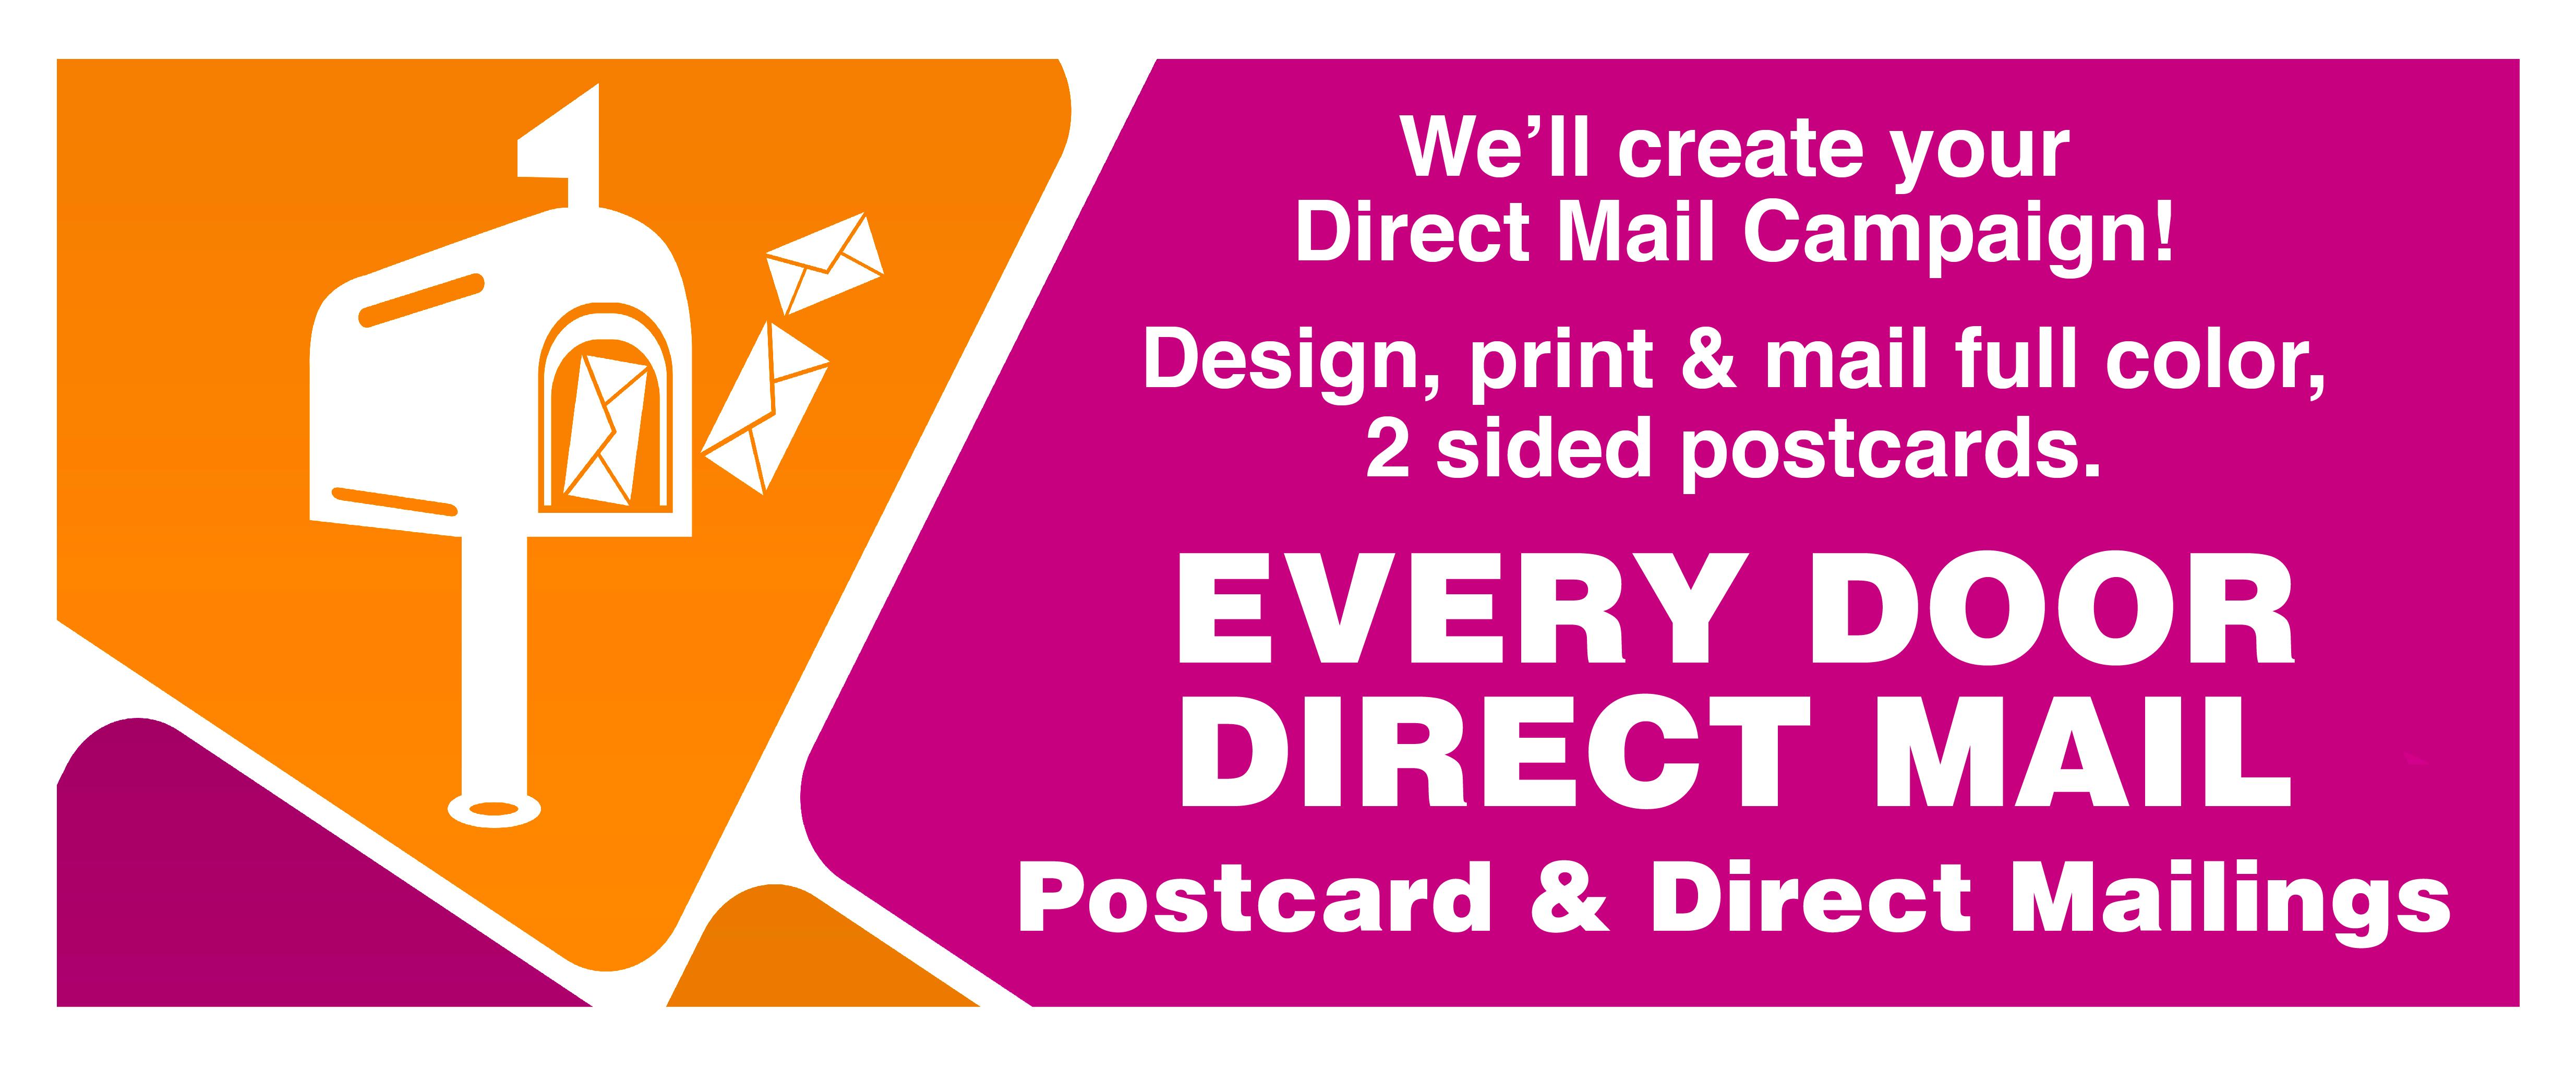 Every Door Direct Mailing